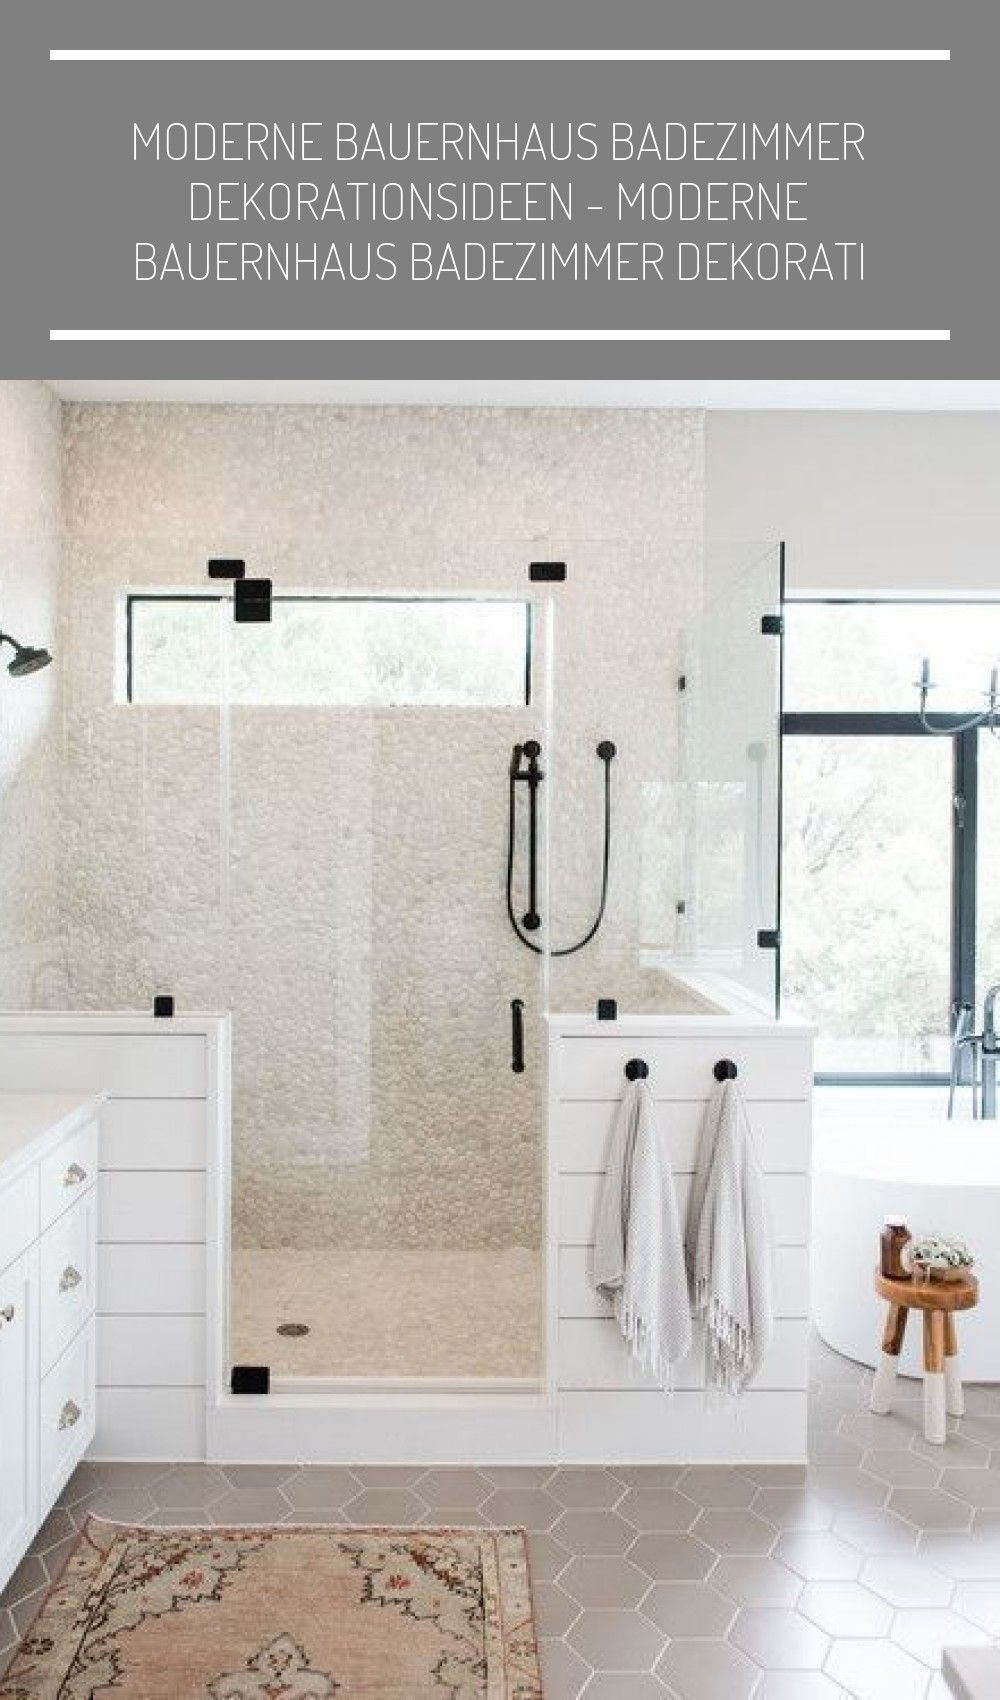 Moderne Bauernhaus Badezimmer 2020 Farmhouse Bathroom Modern